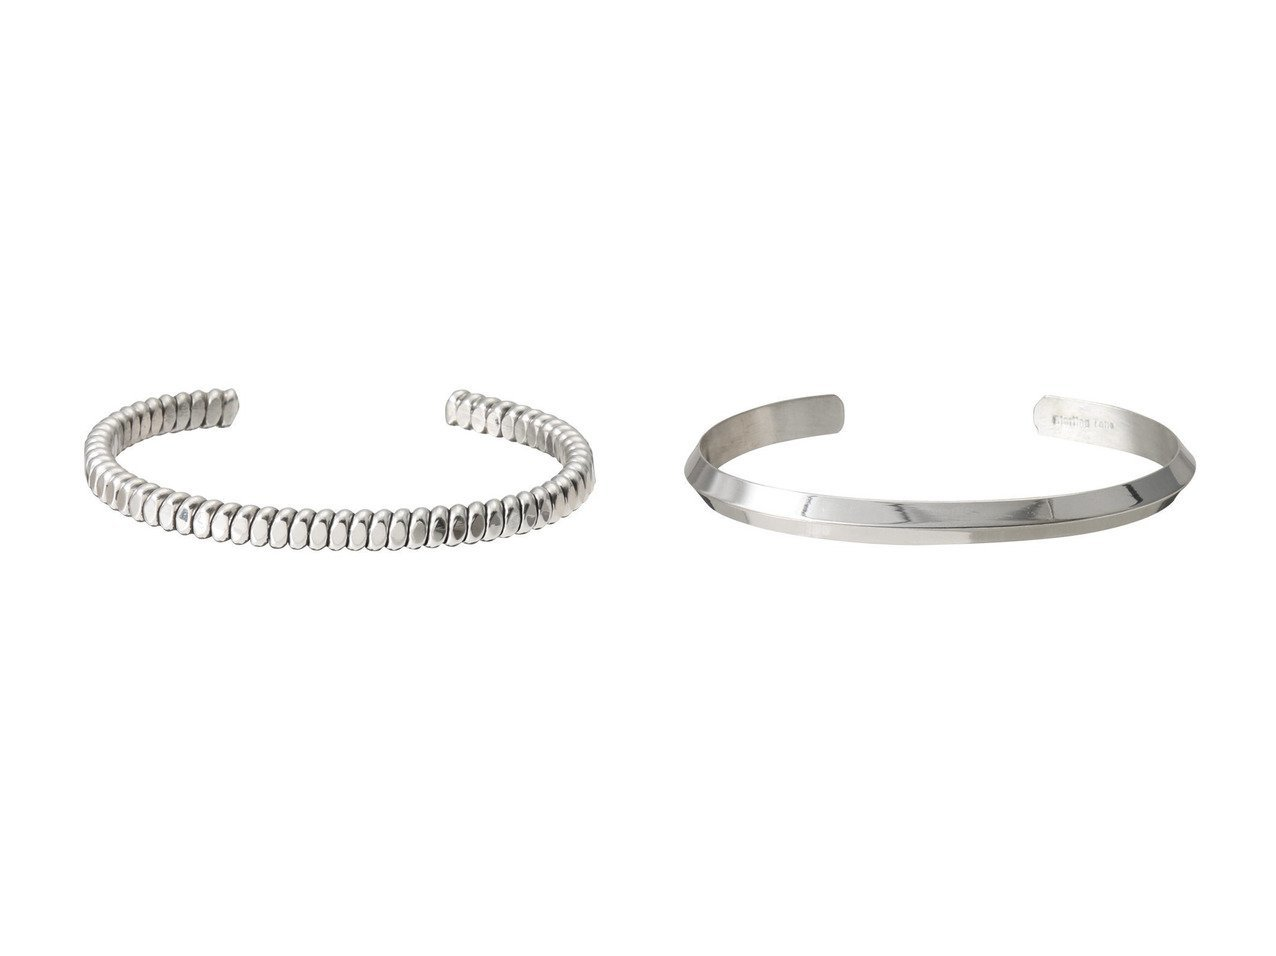 【heliopole/エリオポール】の【HARPO】silver smooth beveled ブレスレット&【HARPO】silver flat wire ブレスレット おすすめ!人気、トレンド・レディースファッションの通販  おすすめで人気の流行・トレンド、ファッションの通販商品 インテリア・家具・メンズファッション・キッズファッション・レディースファッション・服の通販 founy(ファニー) https://founy.com/ ファッション Fashion レディースファッション WOMEN ジュエリー Jewelry ブレスレット Bracelets バングル Bangles 2020年 2020 2020-2021秋冬・A/W AW・Autumn/Winter・FW・Fall-Winter/2020-2021 2021年 2021 2021-2022秋冬・A/W AW・Autumn/Winter・FW・Fall-Winter・2021-2022 A/W・秋冬 AW・Autumn/Winter・FW・Fall-Winter ブレスレット  ID:crp329100000063099